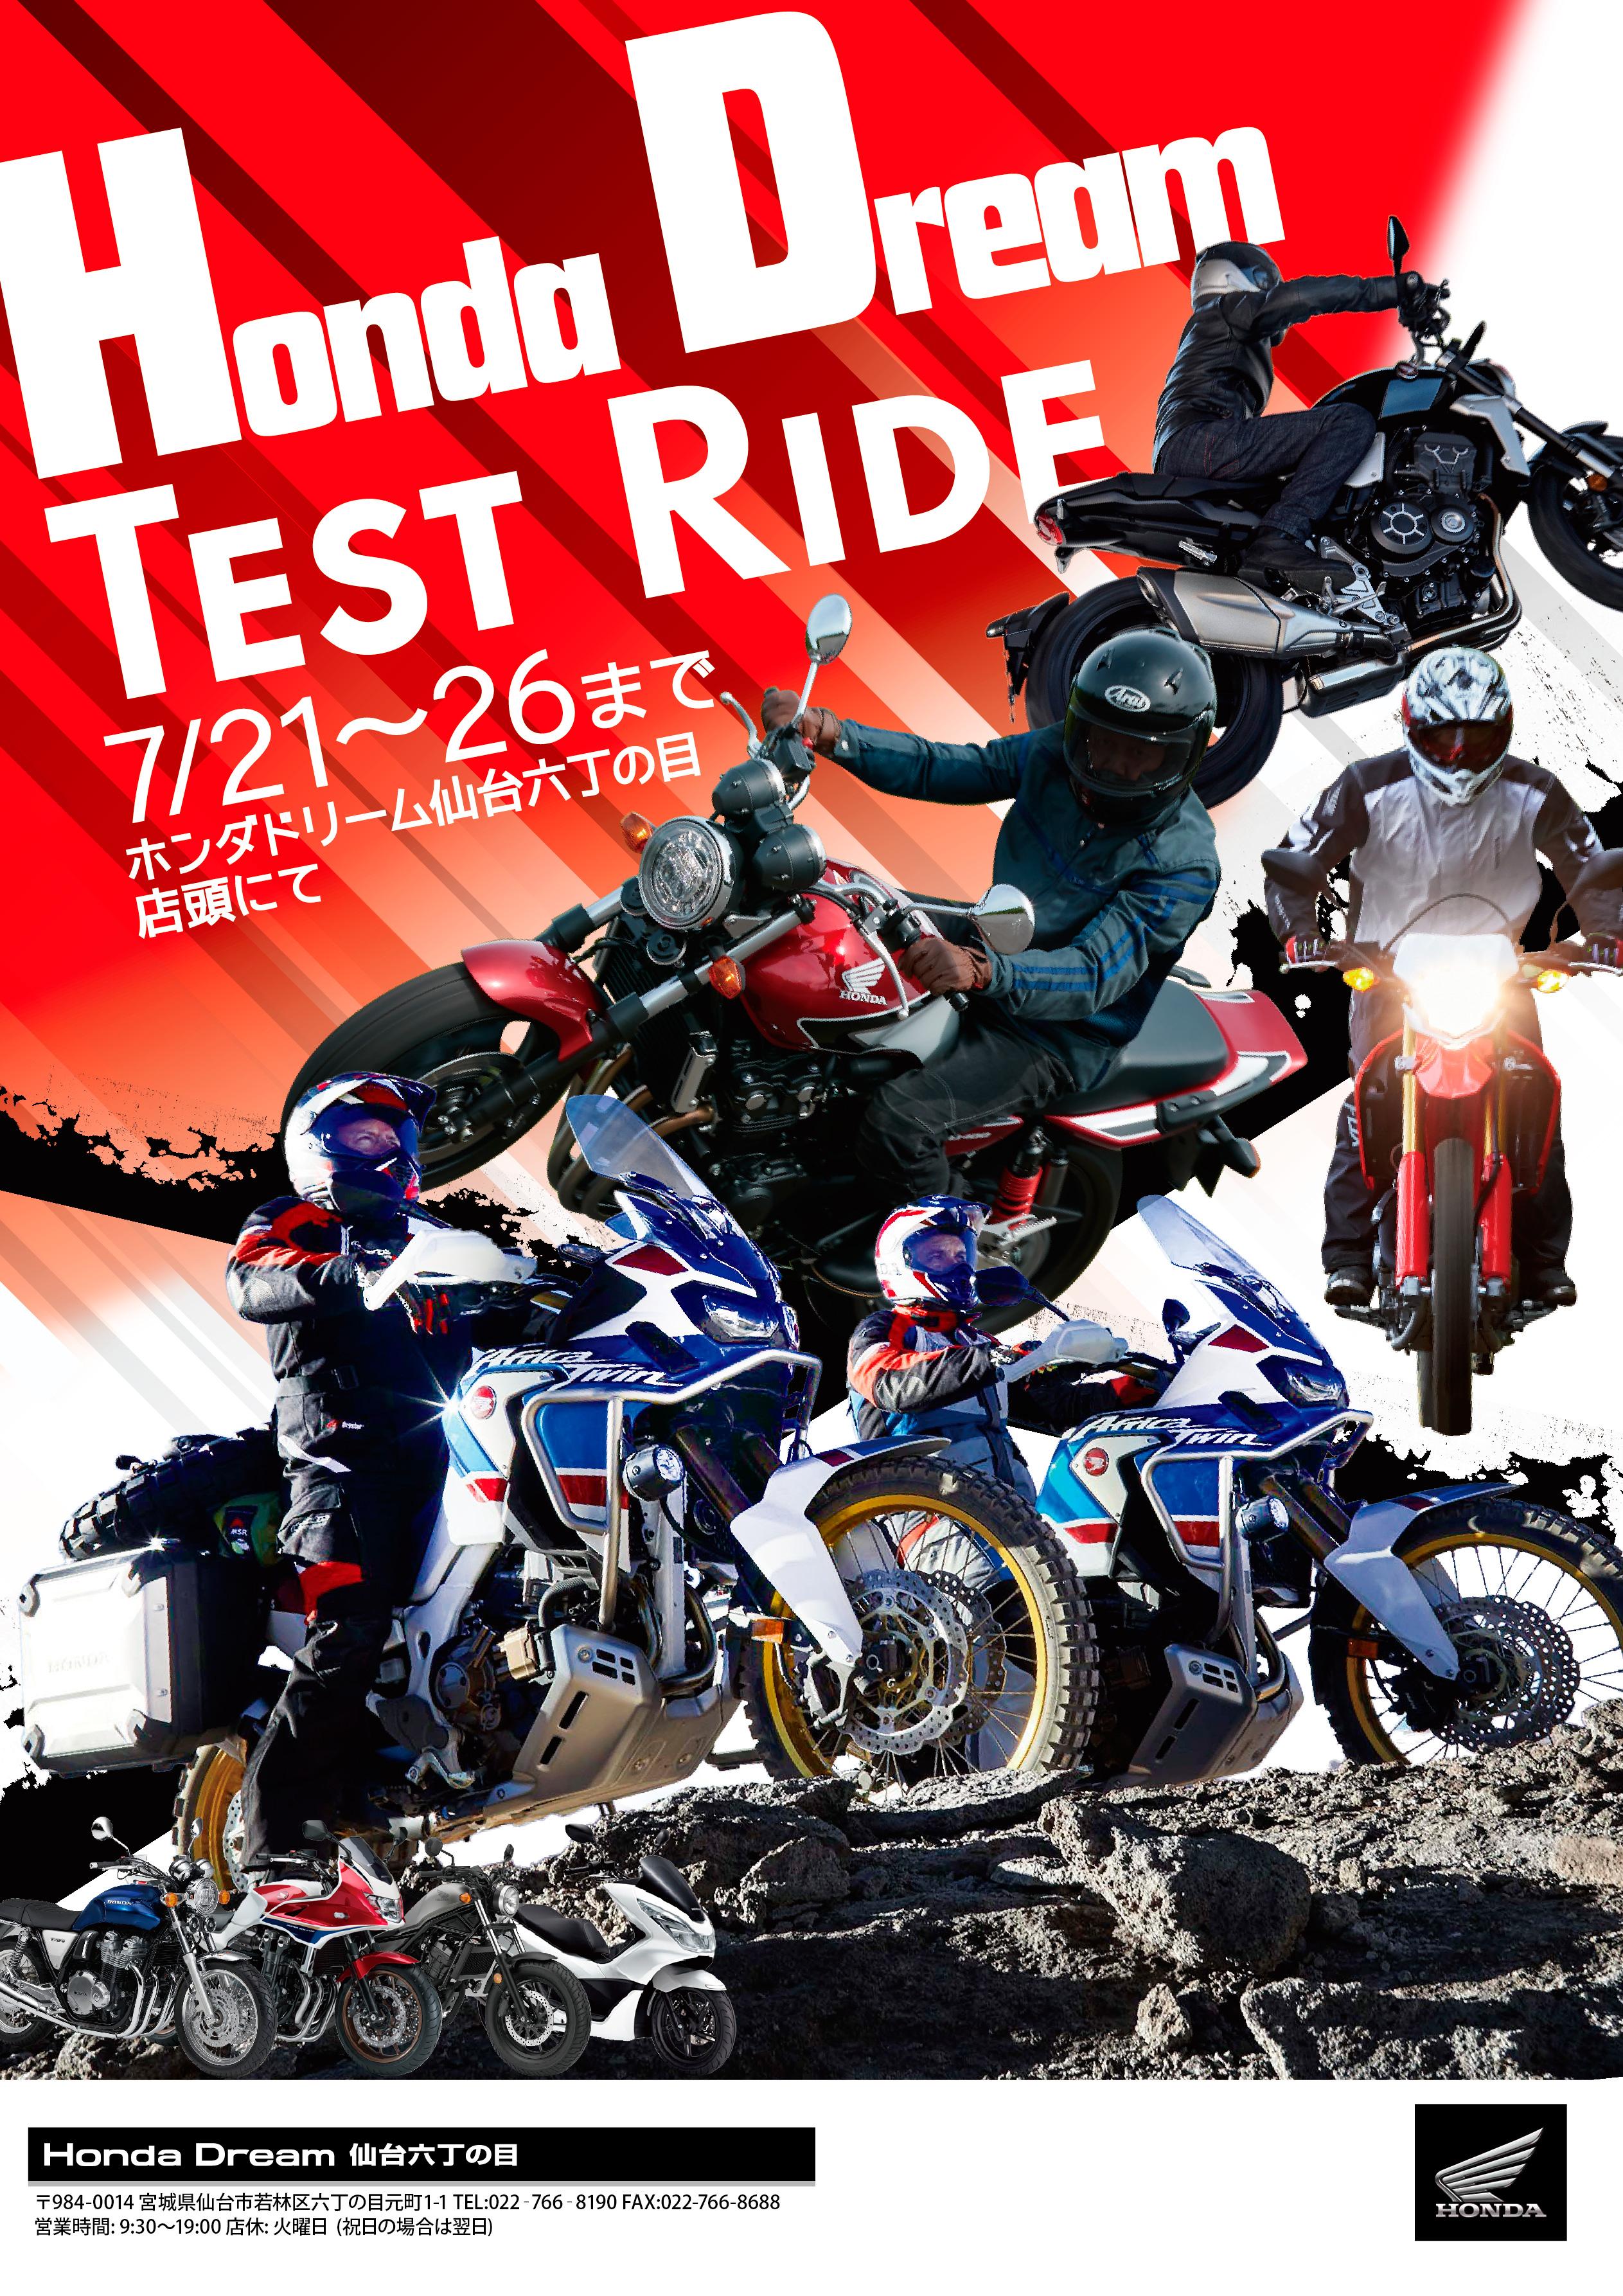 7月21日より、乗りくらべ試乗会開催いたします。